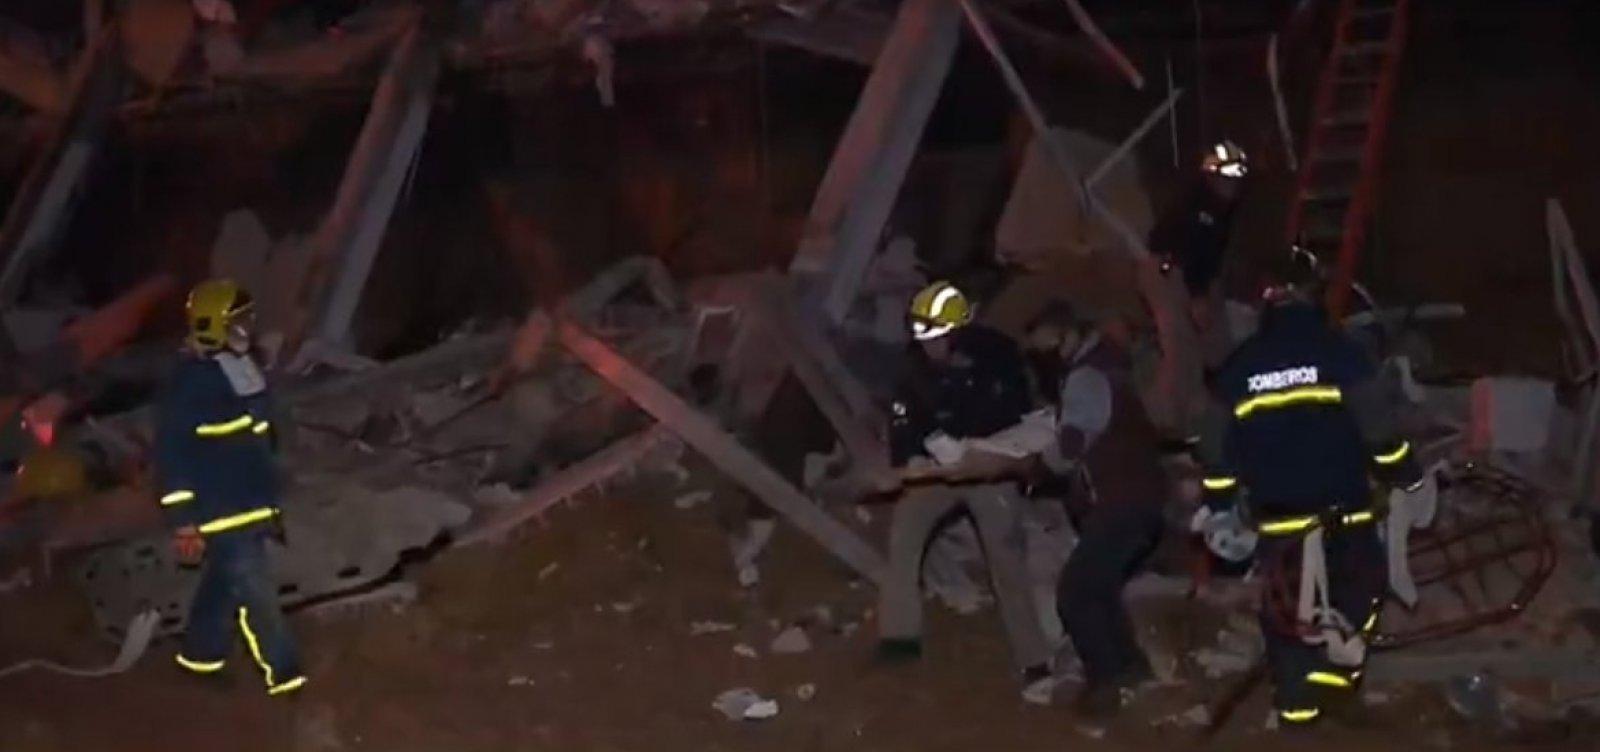 [Cinco pessoas ficam feridas em desabamento de prédio na Grande Curitiba]